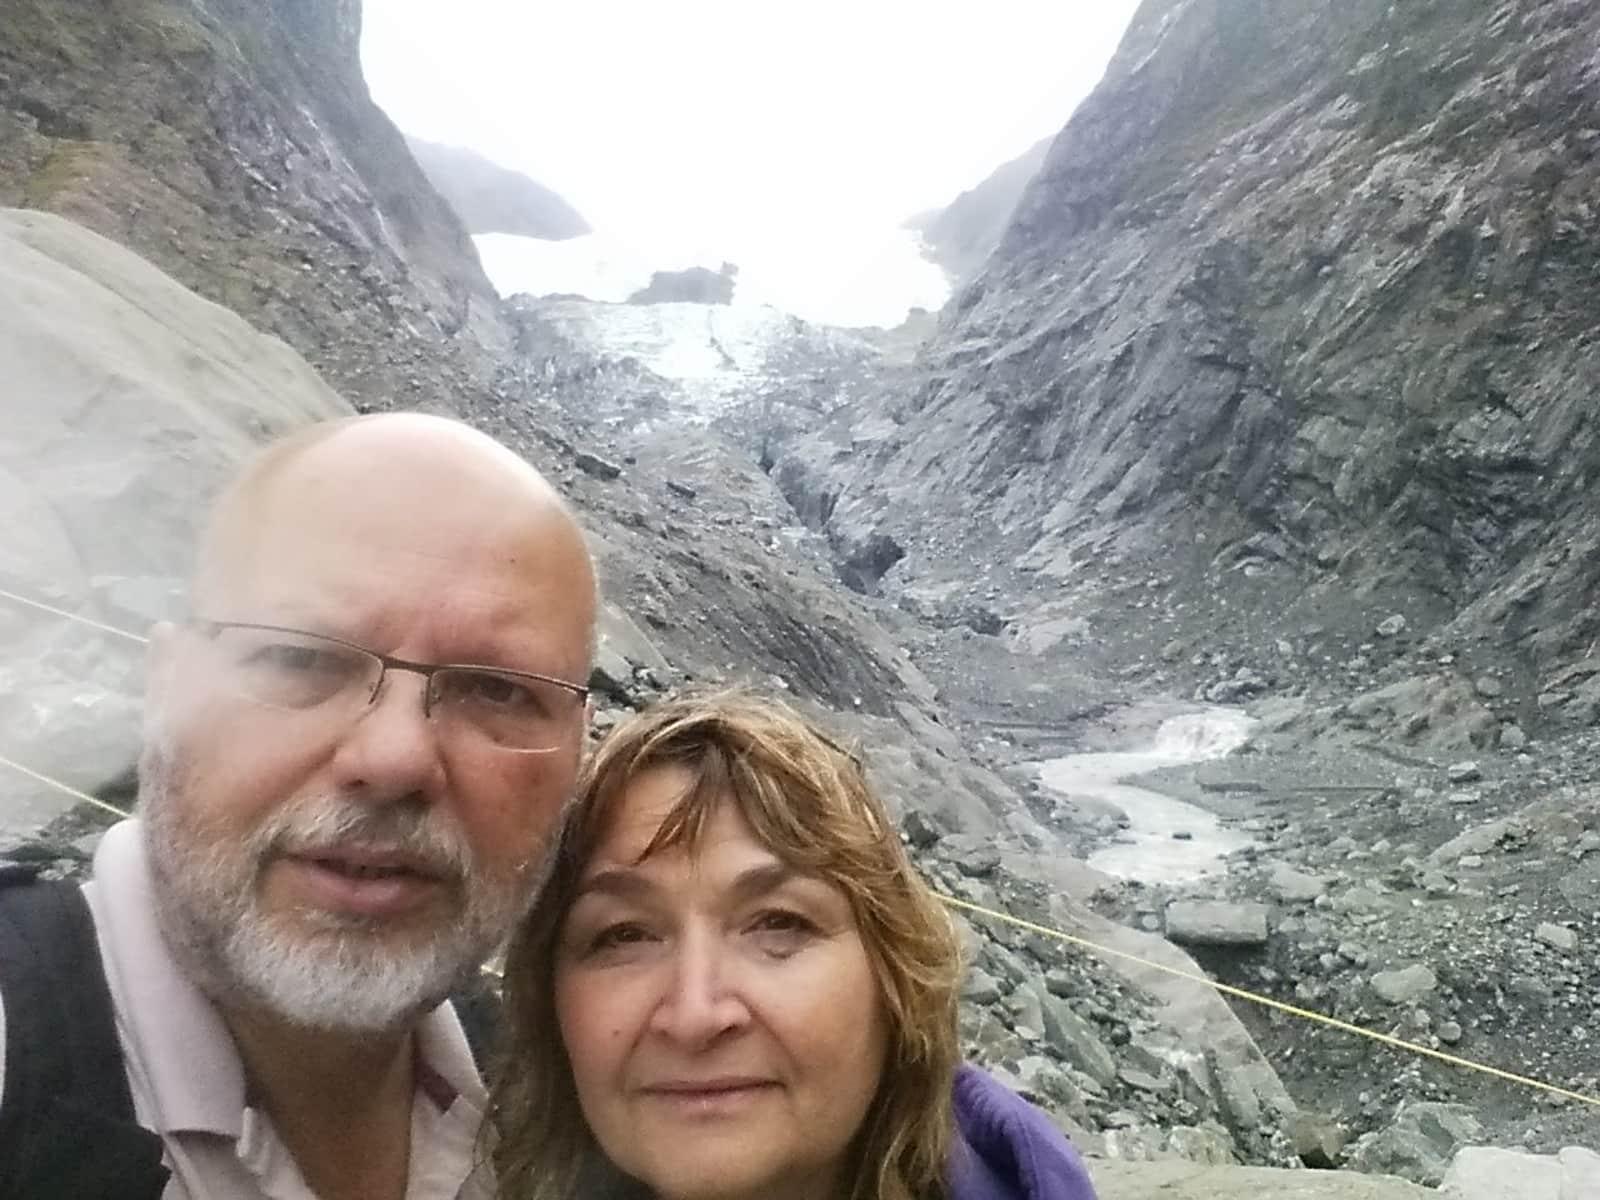 Staci & Yehuda from Hillsboro, Oregon, United States